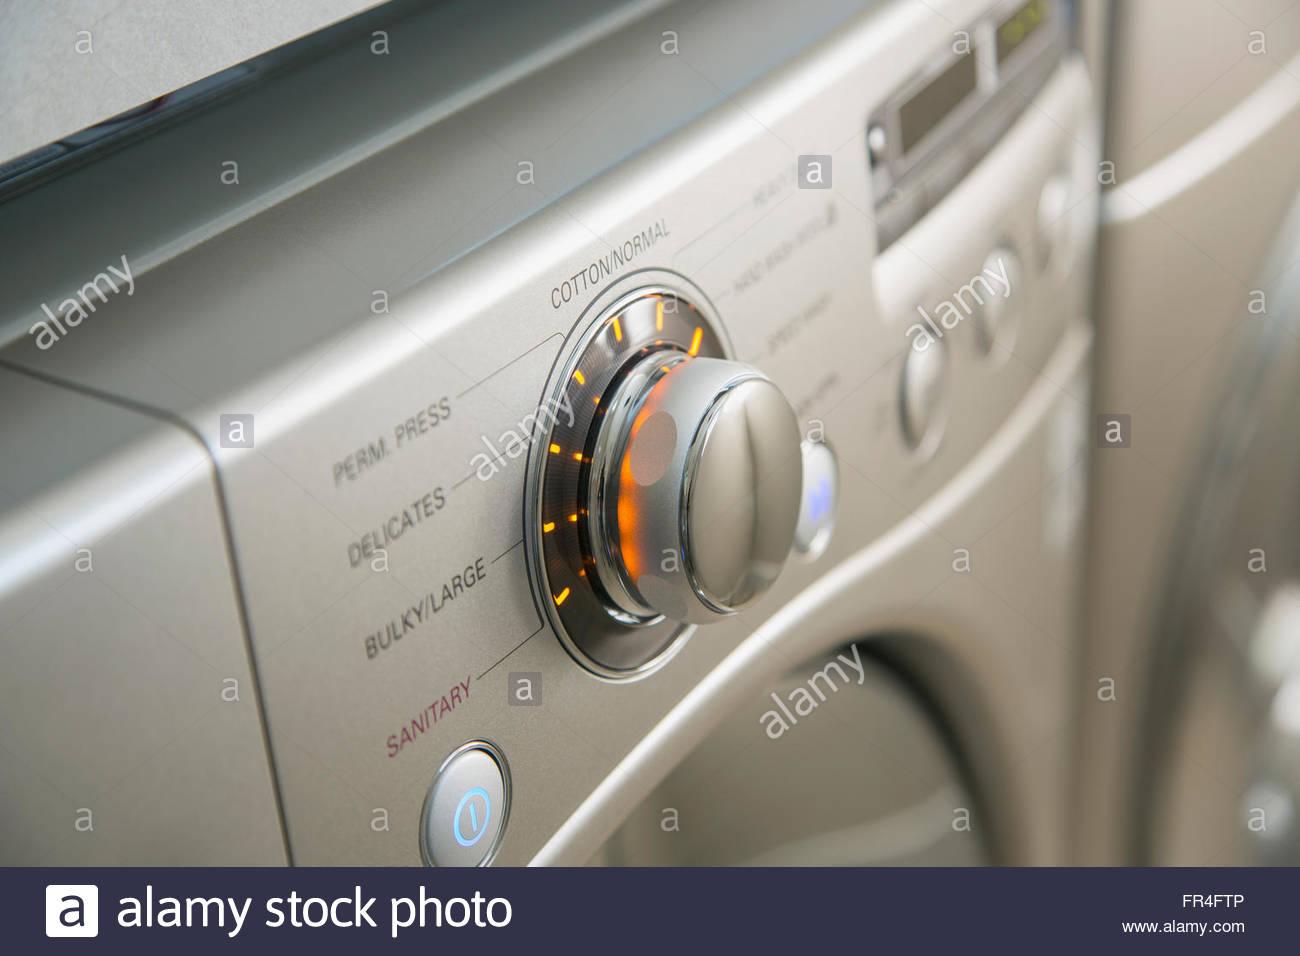 Close-up of settings on energy efficient washing machine. - Stock Image